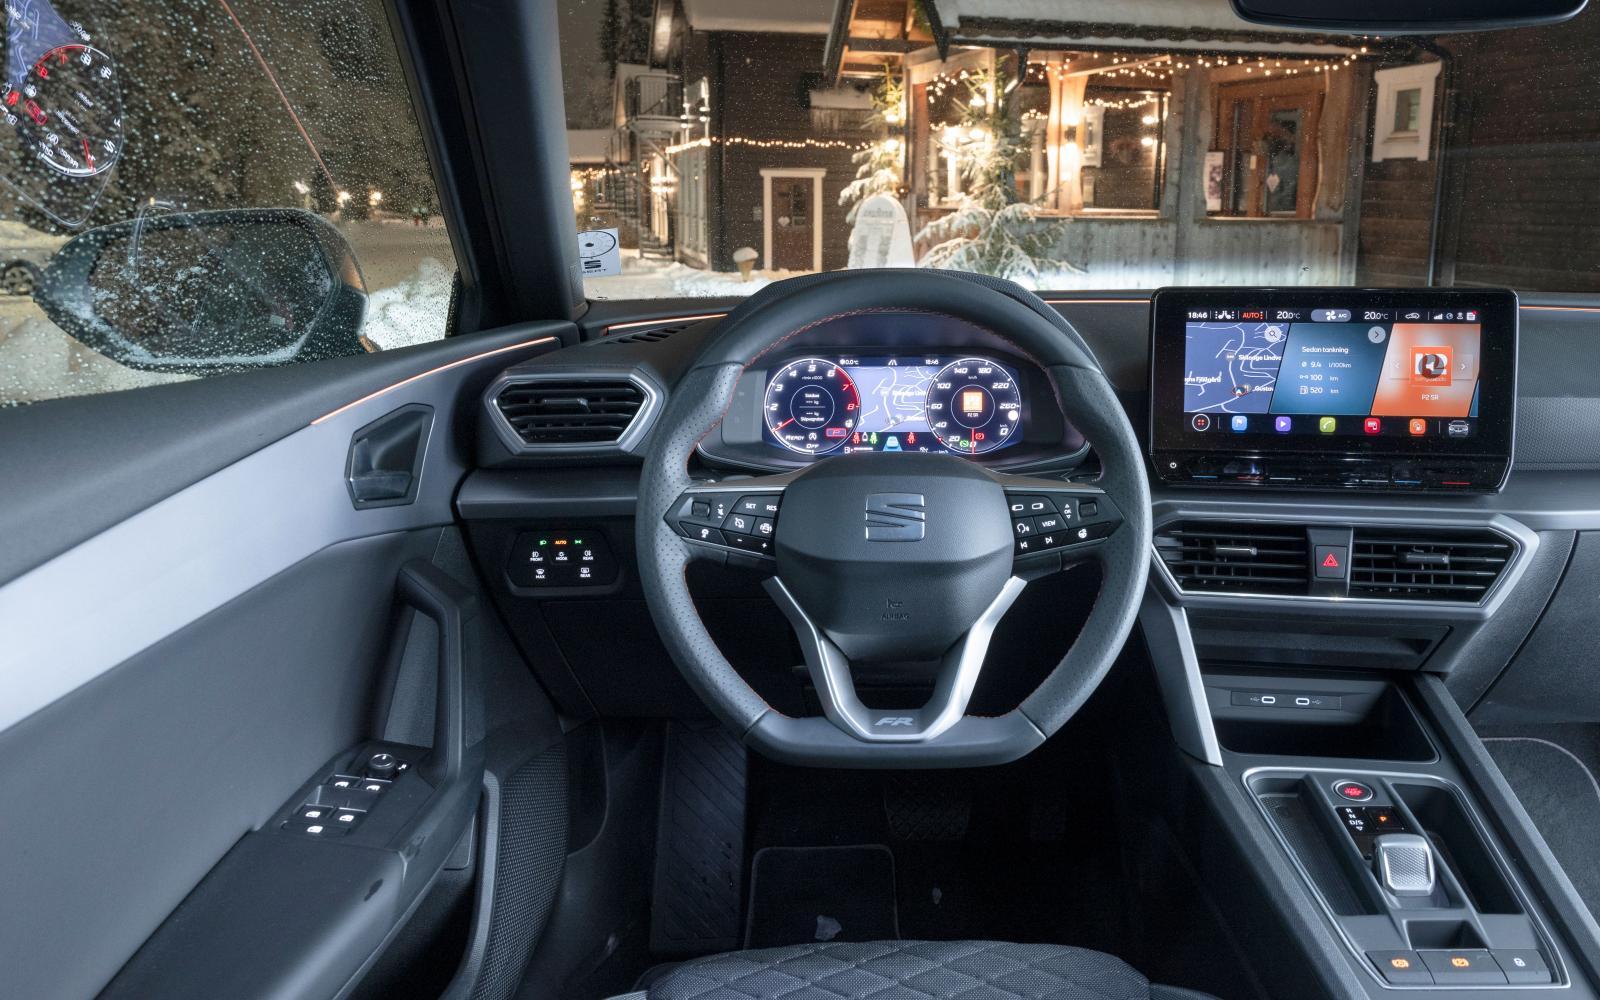 Seat: Bra körställning. Elegant och avskalad interiör. Men förarergonomin lämnar en hel del att önska med krångliga menyvägar och små pekytor.